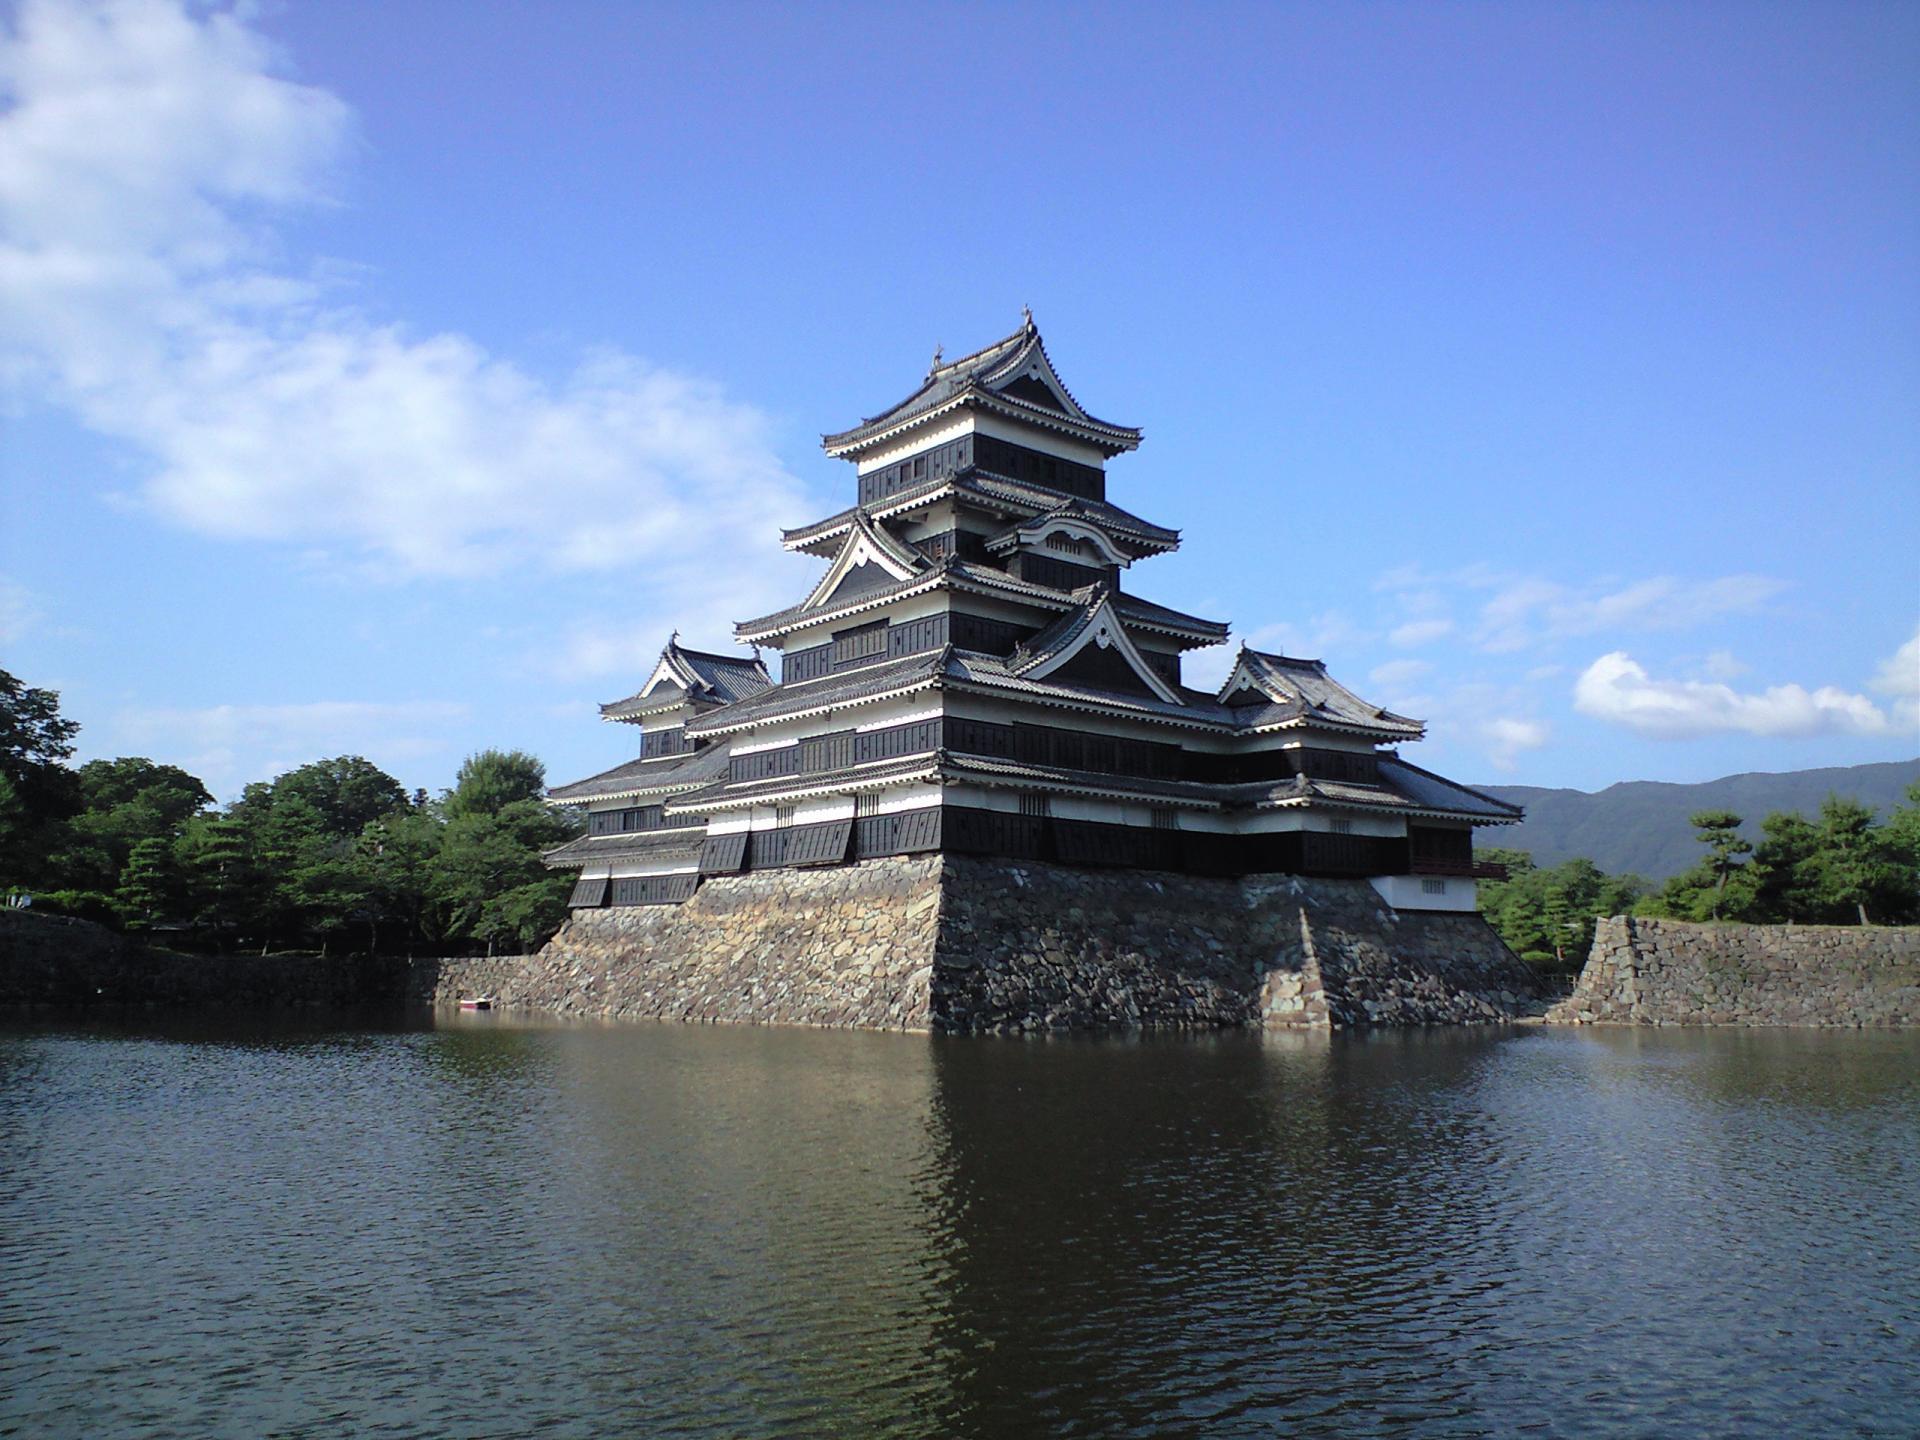 映照在大自然中的松本城